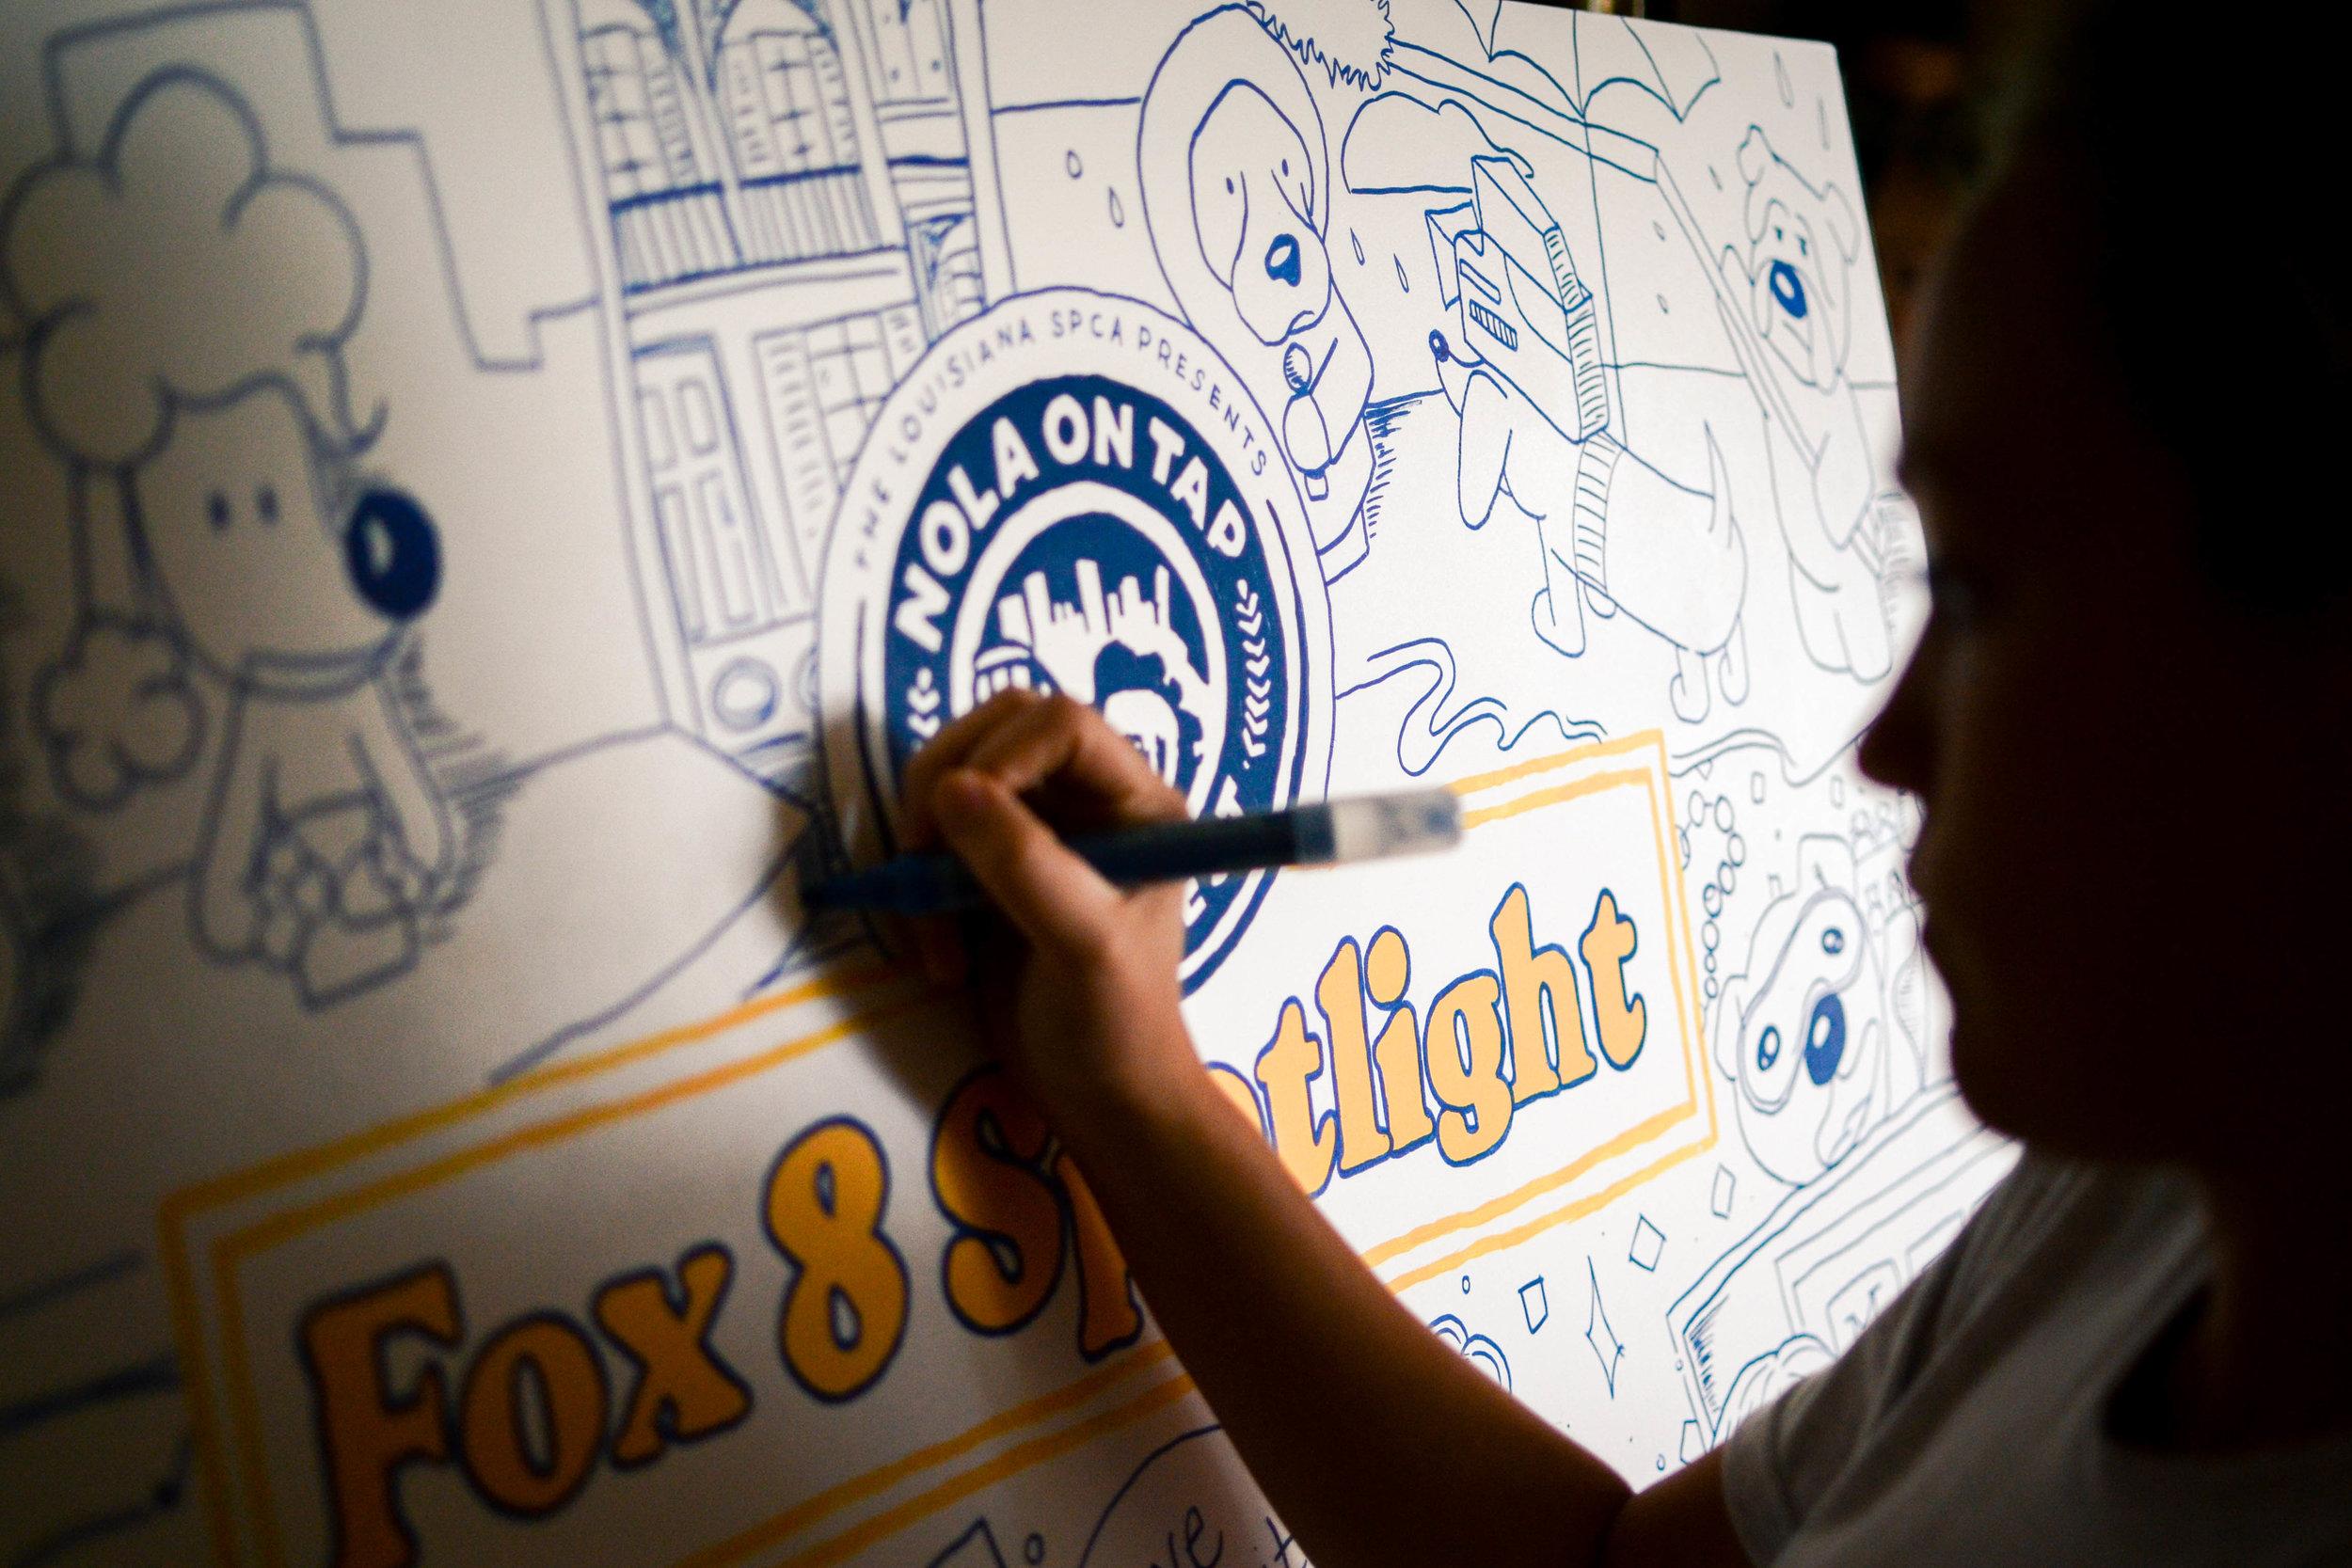 NOLAonTap_Fox8Spotlight (13 of 22).jpg